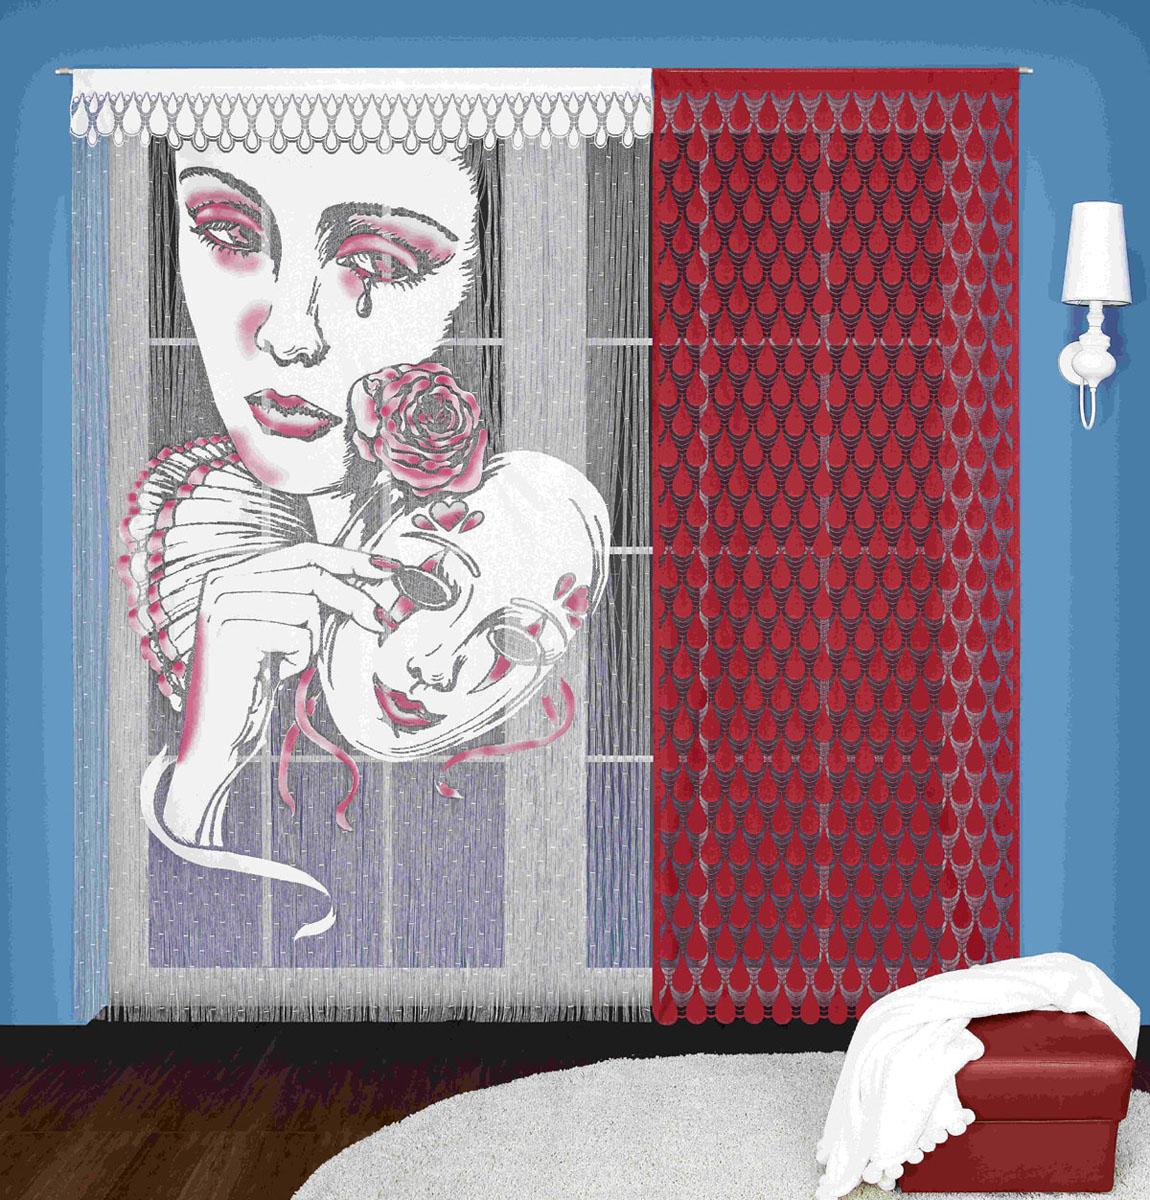 Гардина-лапша Wisan, цвет: бордовый, высота 240 см88843Гардинное полотно Пьеро, состоящее из двух отдельных частей . Крепится на кулиску.Размеры: ширина 150* высота 240, ширина 90* высота 240